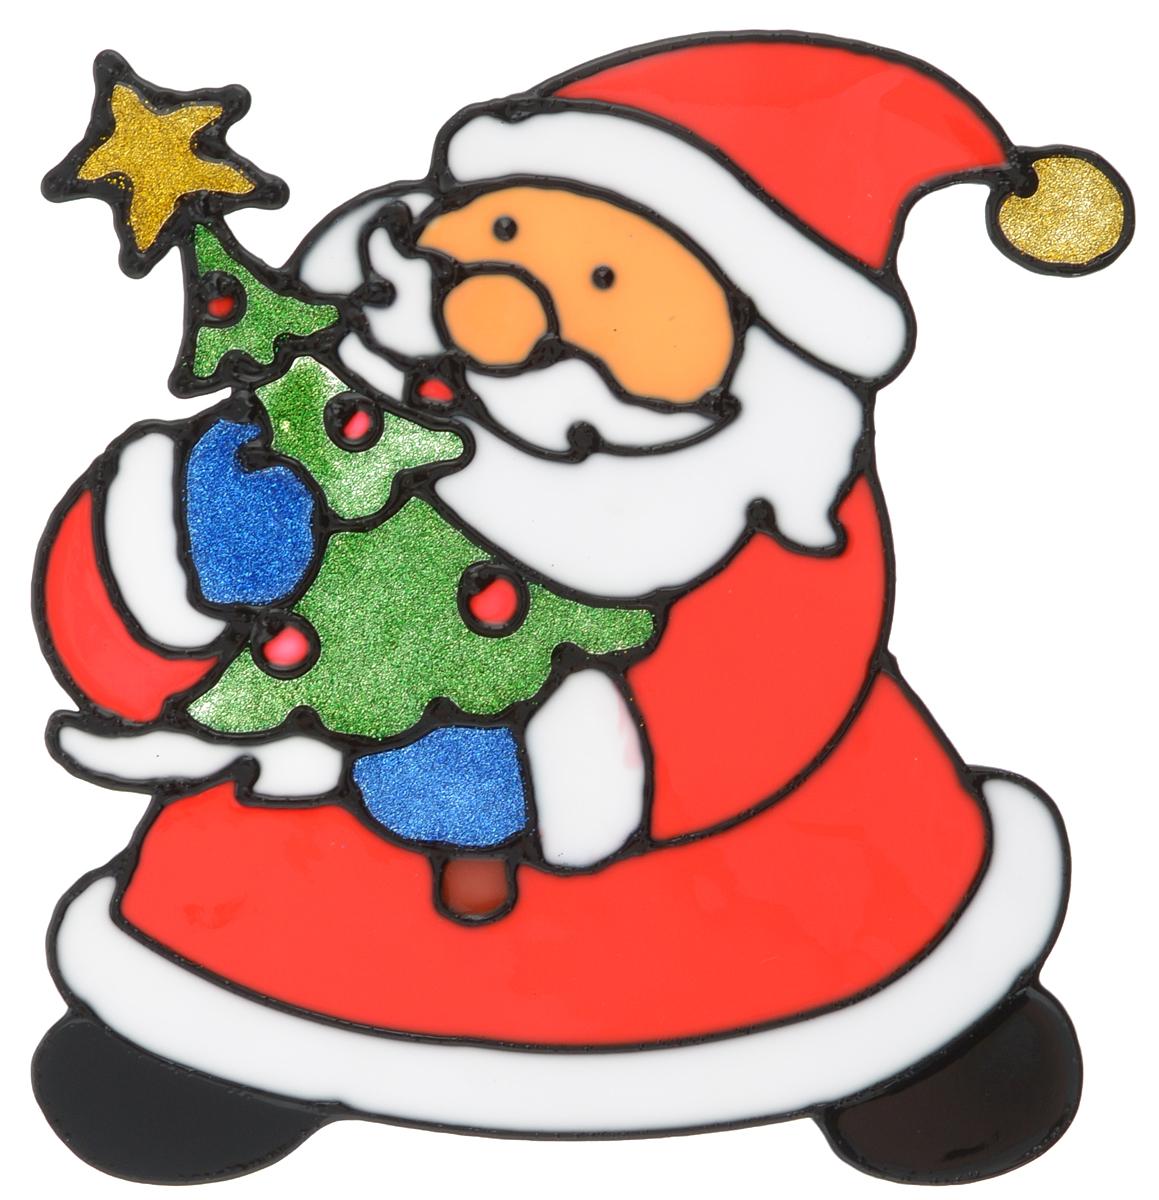 Наклейка на окно Erich Krause Дедушка Мороз, 16 х 15,5 смNLED-454-9W-BKНаклейка на окно Erich Krause Дедушка Мороз выполнена в виде Деда Мороза с елочкой.С помощью больших витражных наклеек на окно Erich Krause можно составлять на стекле целые зимние сюжеты, которые будут радовать глаз, и поднимать настроение в праздничные дни! Так же Вы можете преподнести этот сувенир в качестве мини-презента коллегам, близким и друзьям с пожеланиями счастливого Нового Года!Размер наклейки: 16 х 15,5 см